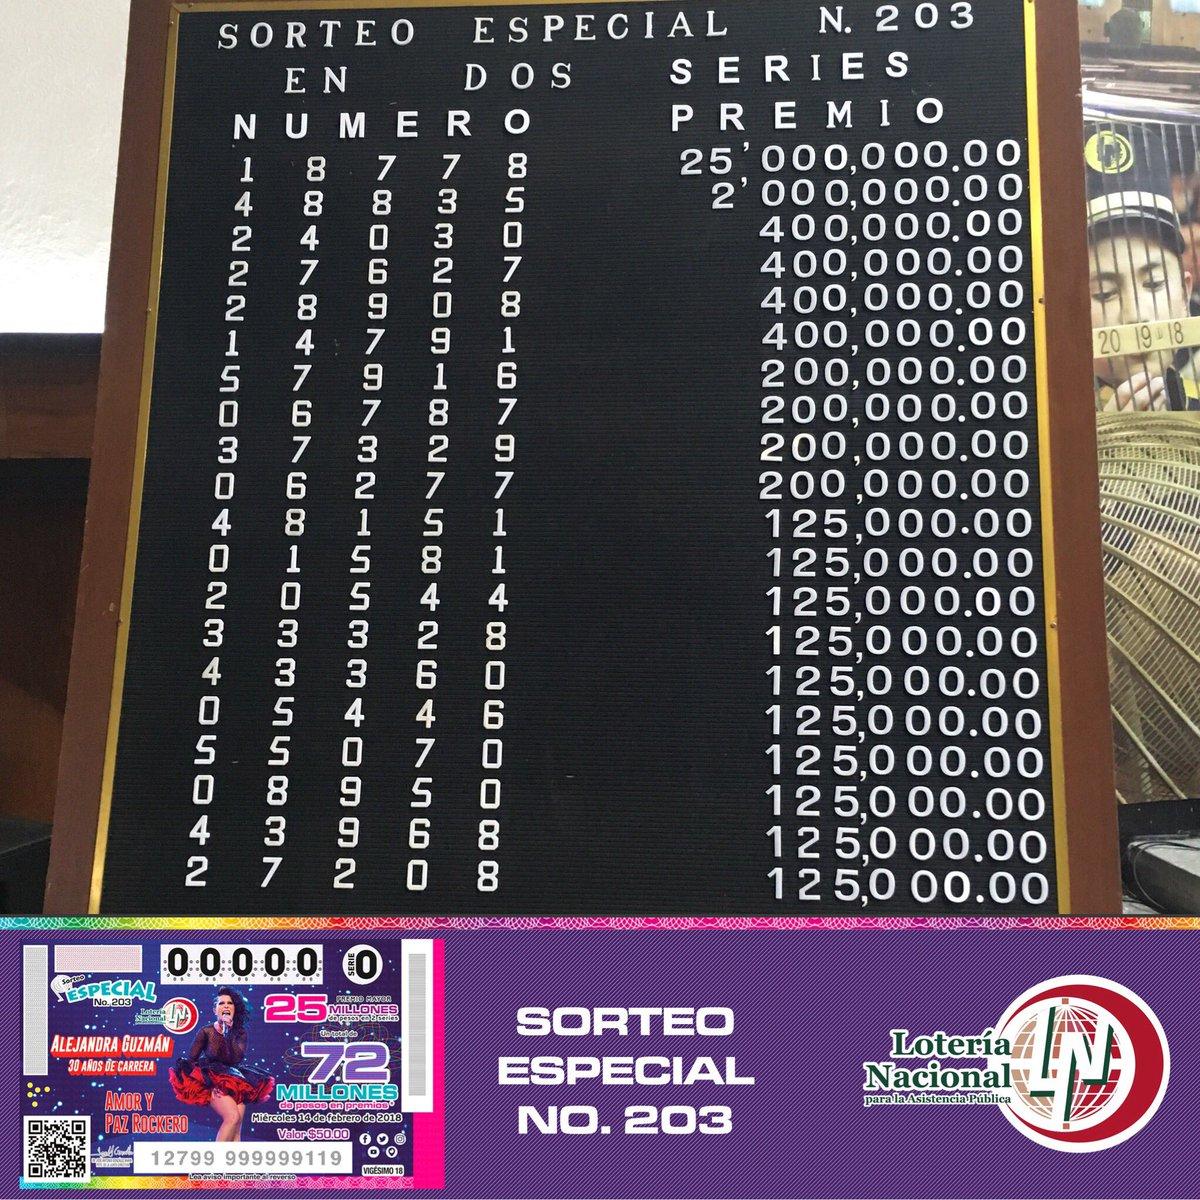 Resultados sorteo especial, 203